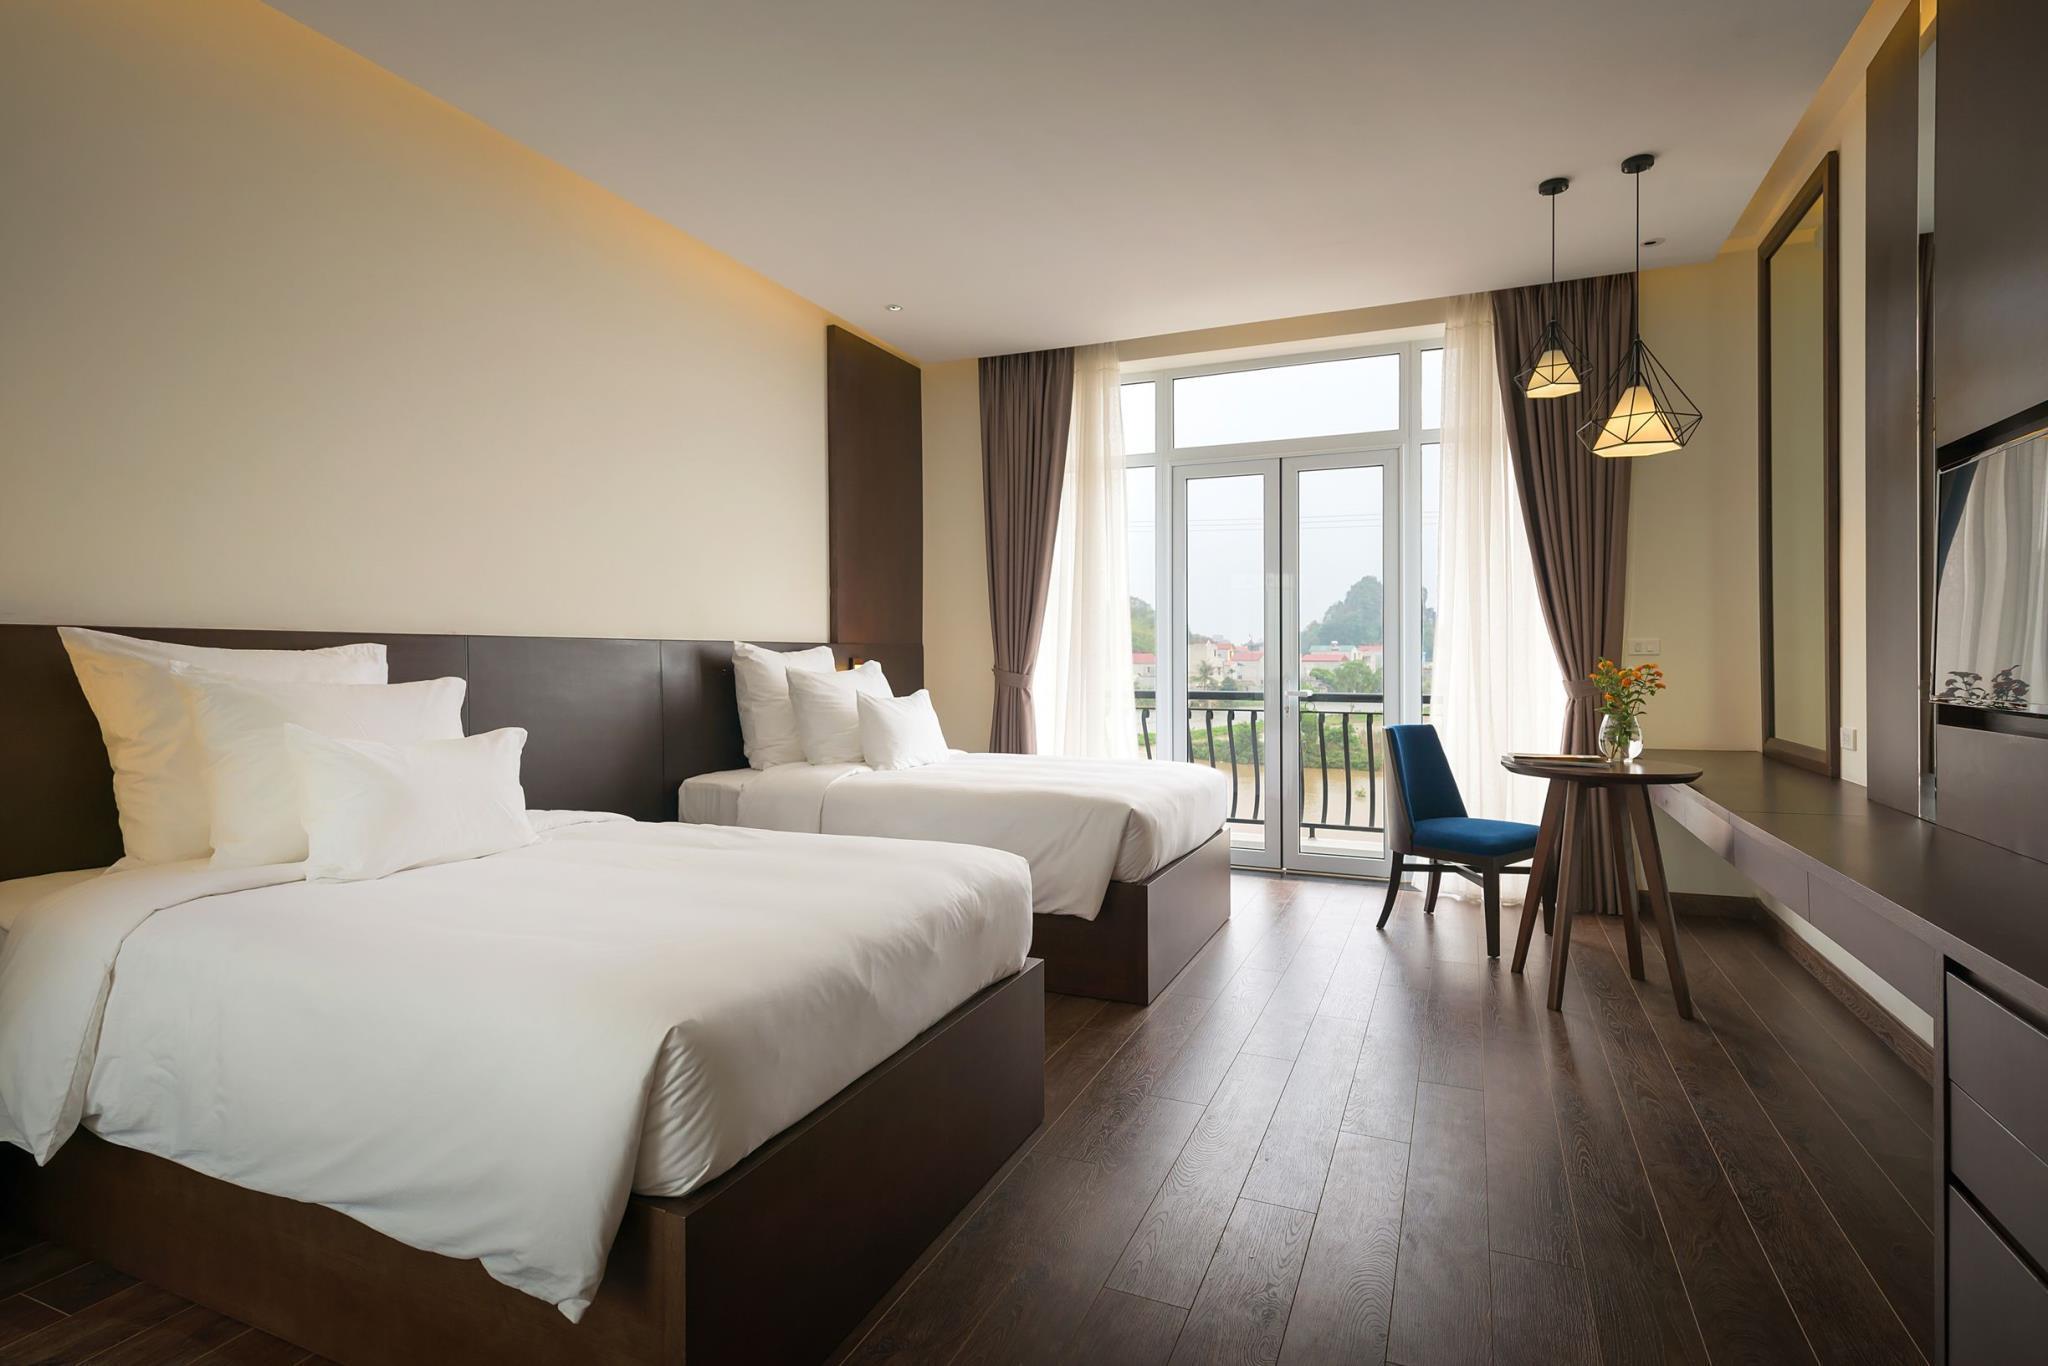 La Paz Hanoi Hotel, Quốc Oai